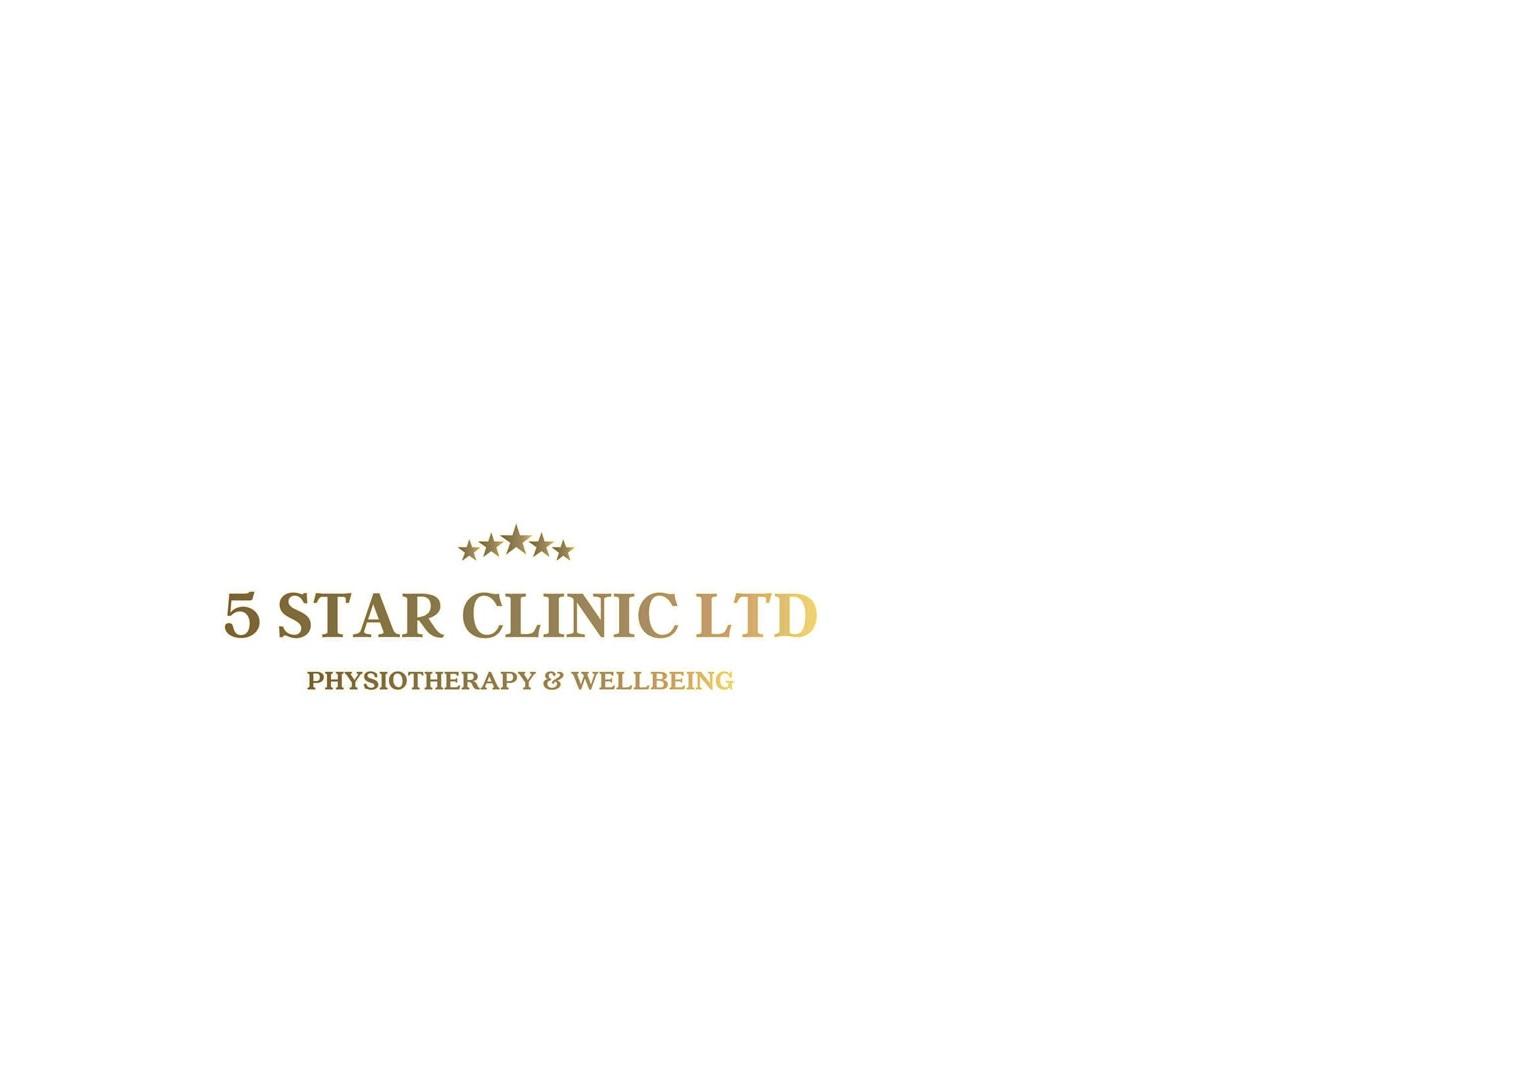 5 STAR CLINIC LTD company logo